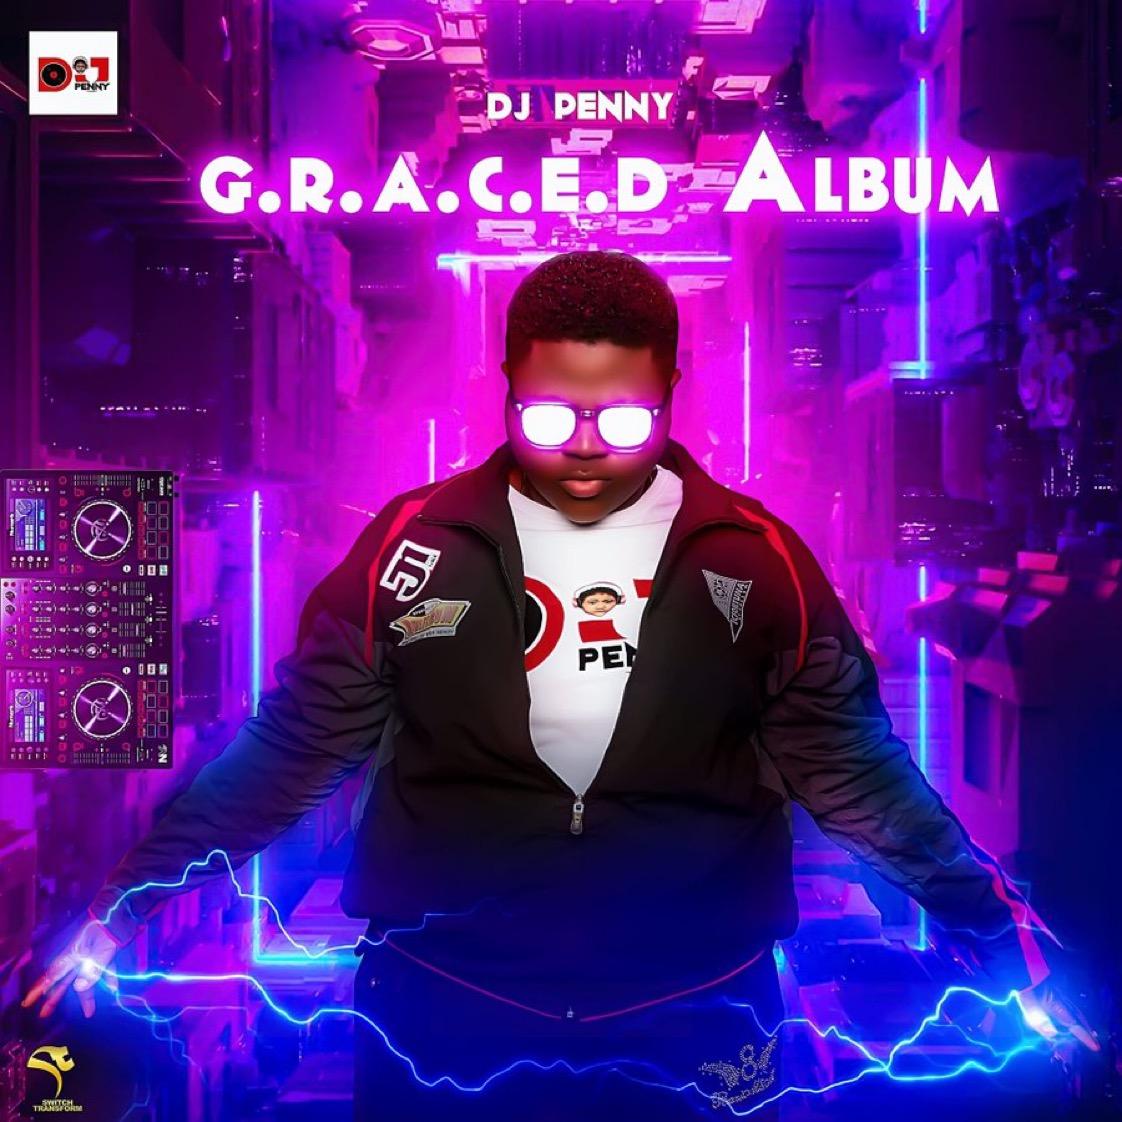 Evaloaded- G.R.A.C.E.D ALBUM by DJ PENNY